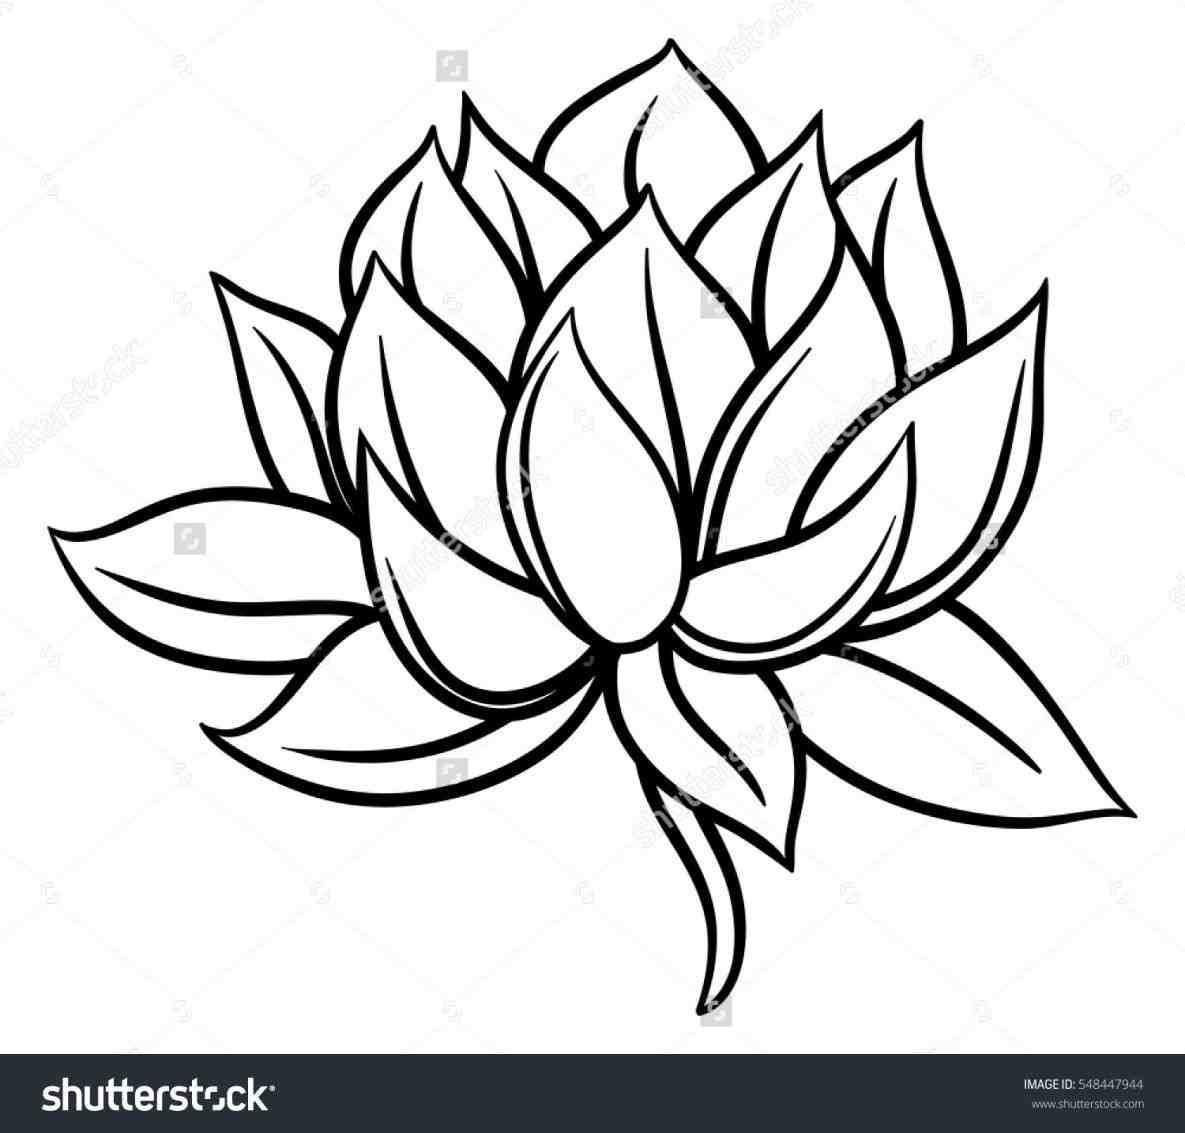 1185x1133 Black Lotus Drawing